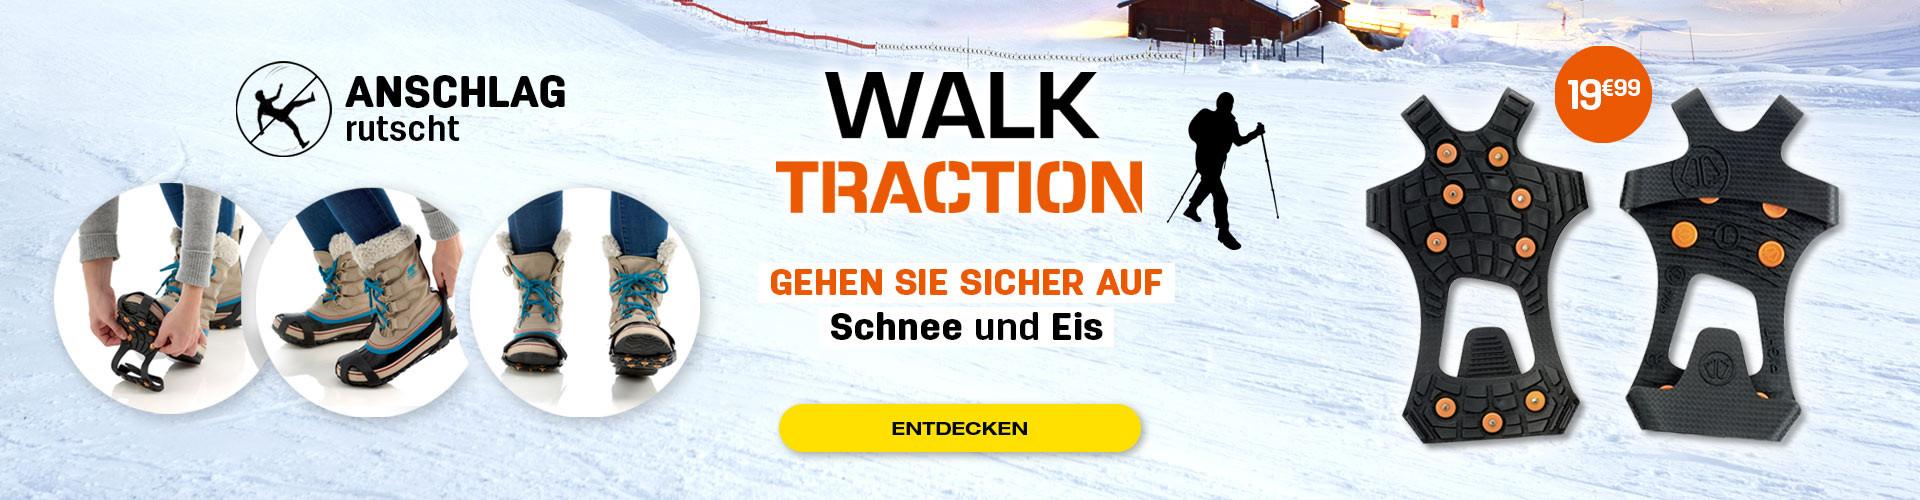 Hör auf zu rutschen während deiner Spaziergänge in den Bergen und im Schnee!